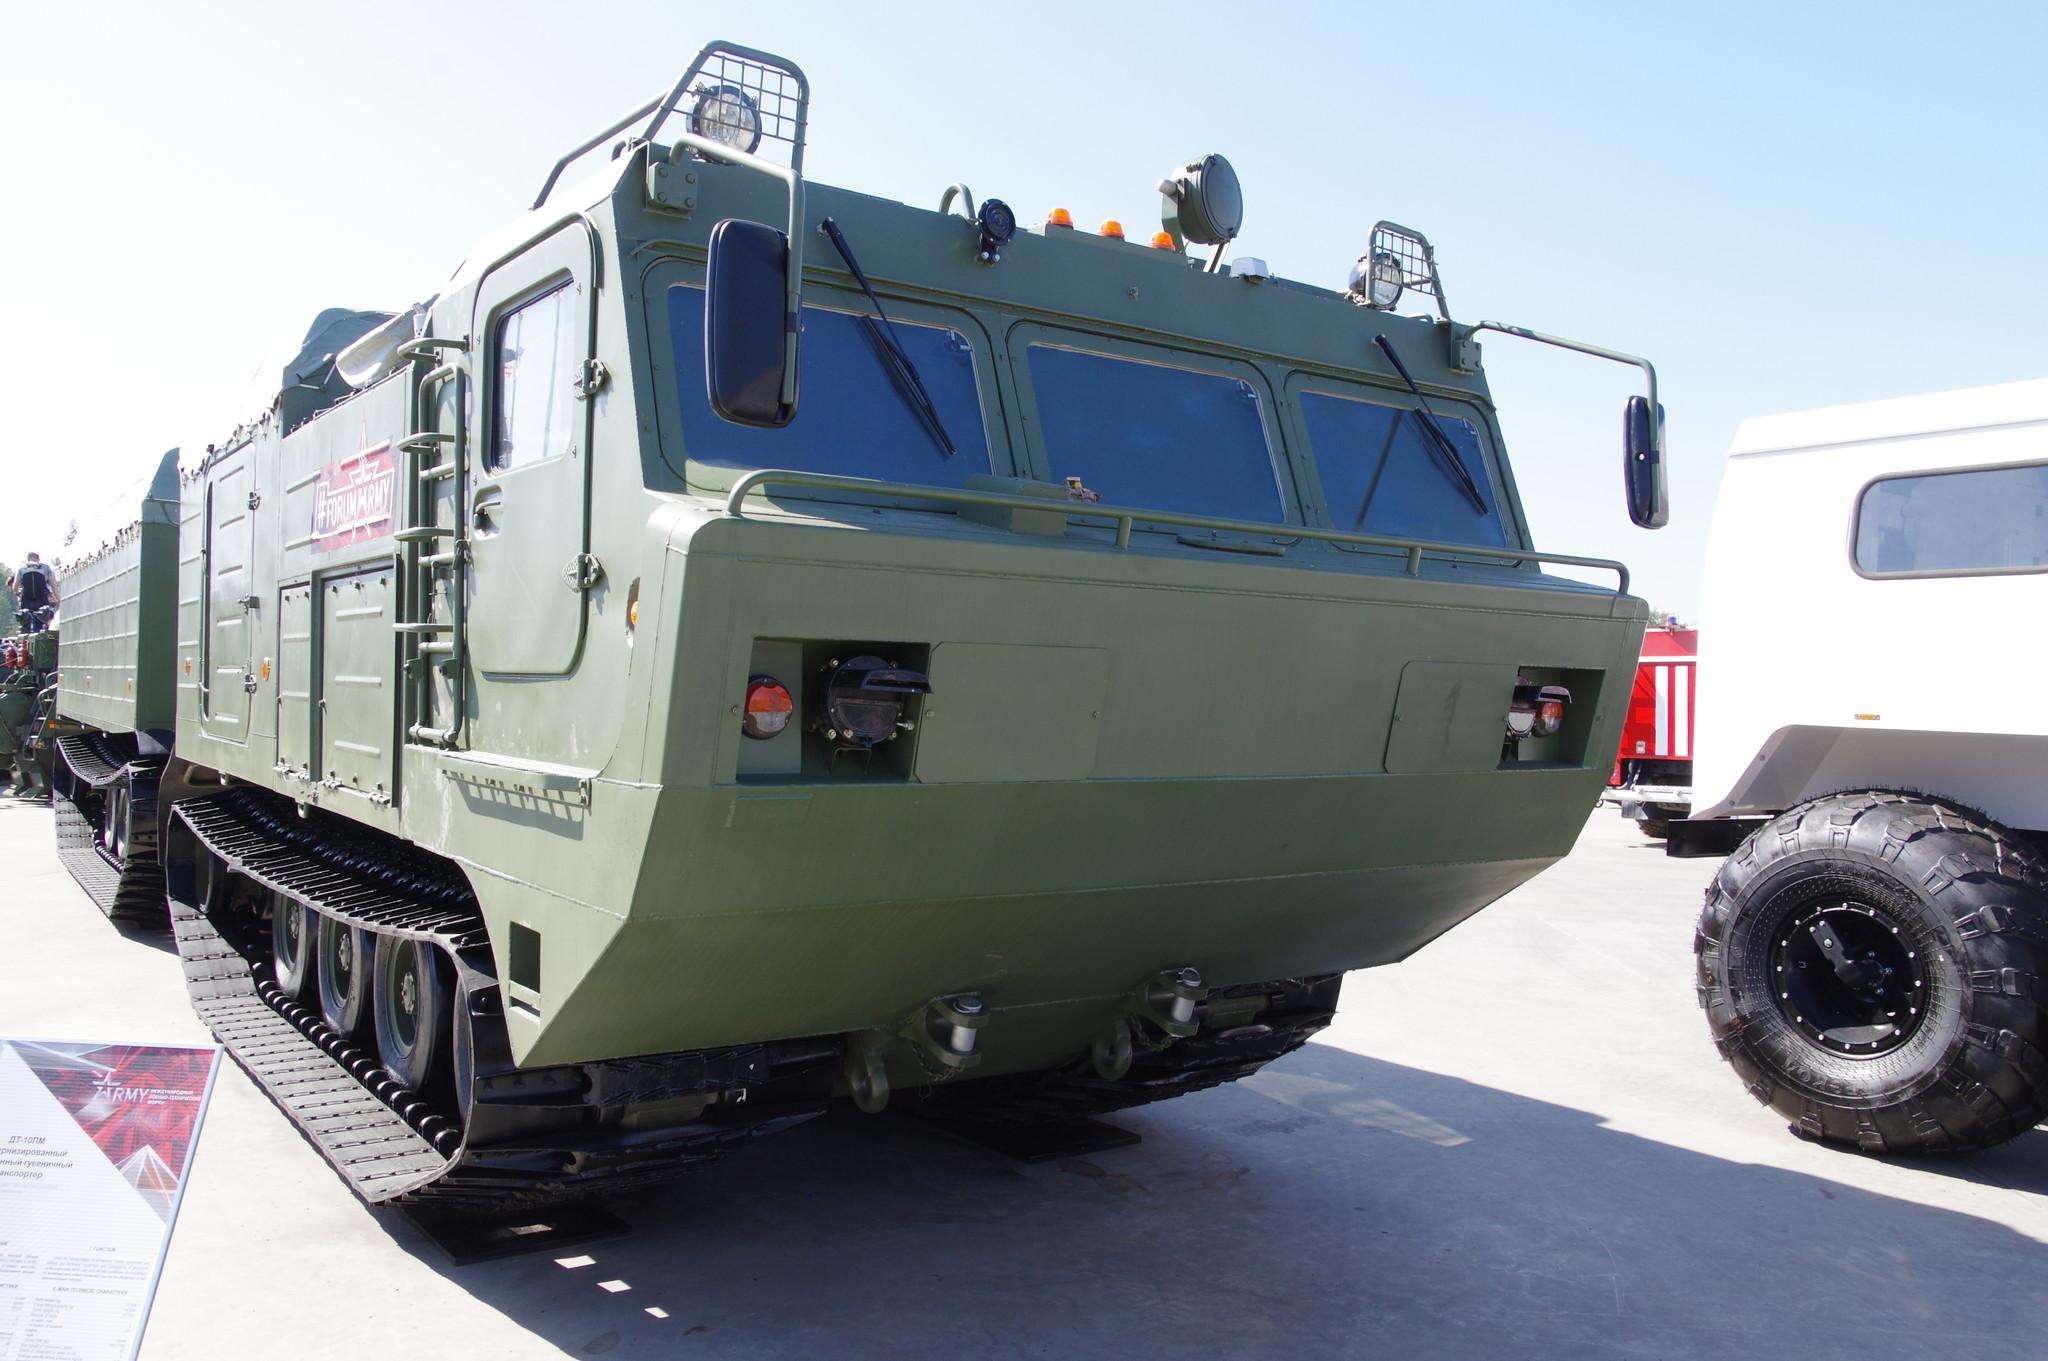 Модернизированный двухзвенный гусеничный транспортёр ДТ-10ПМ